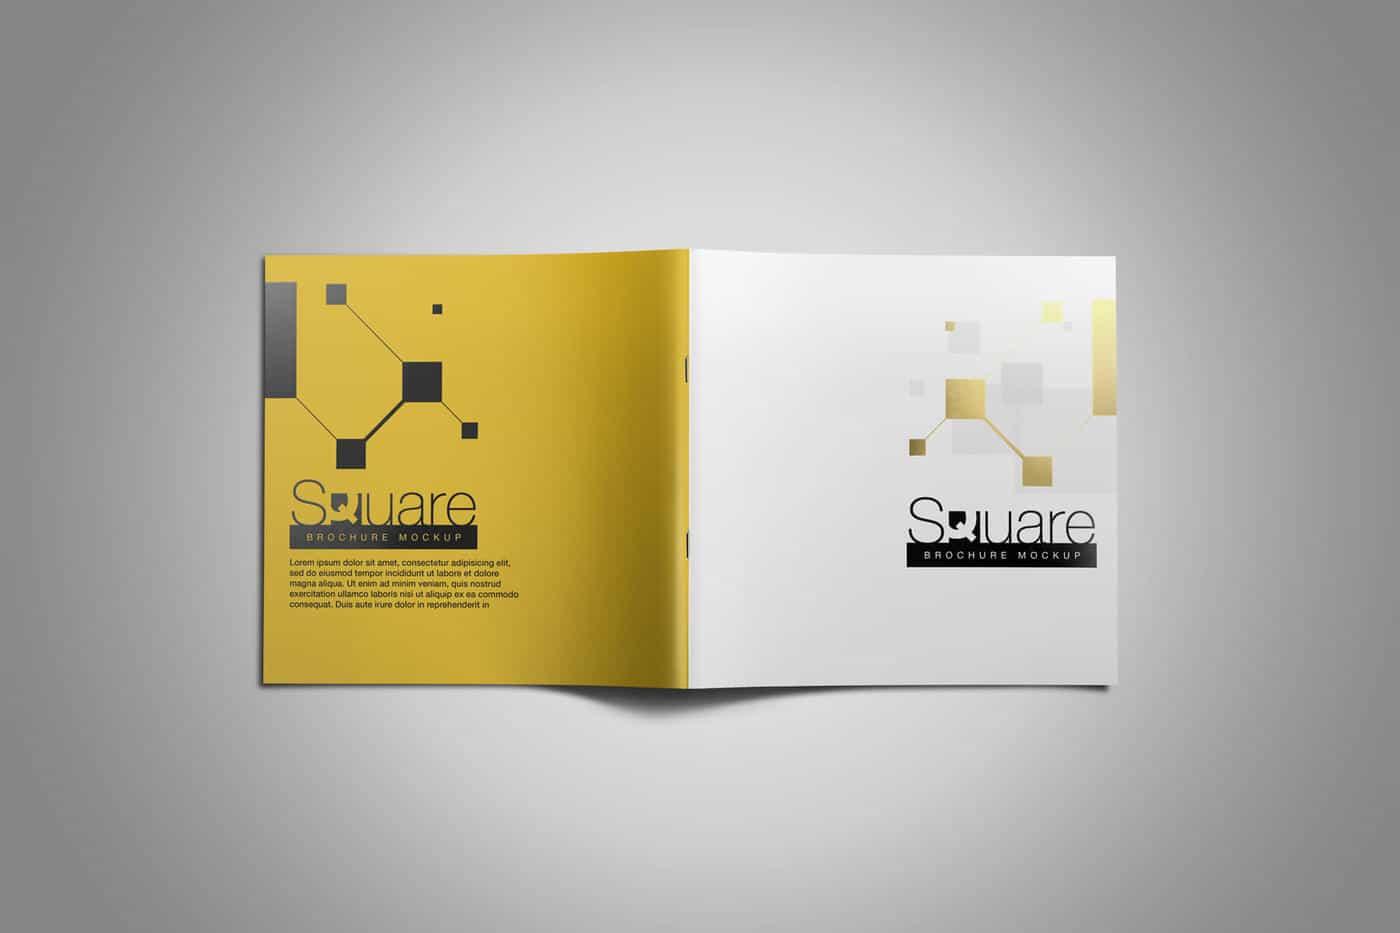 Square-Brochure-Mockup-04